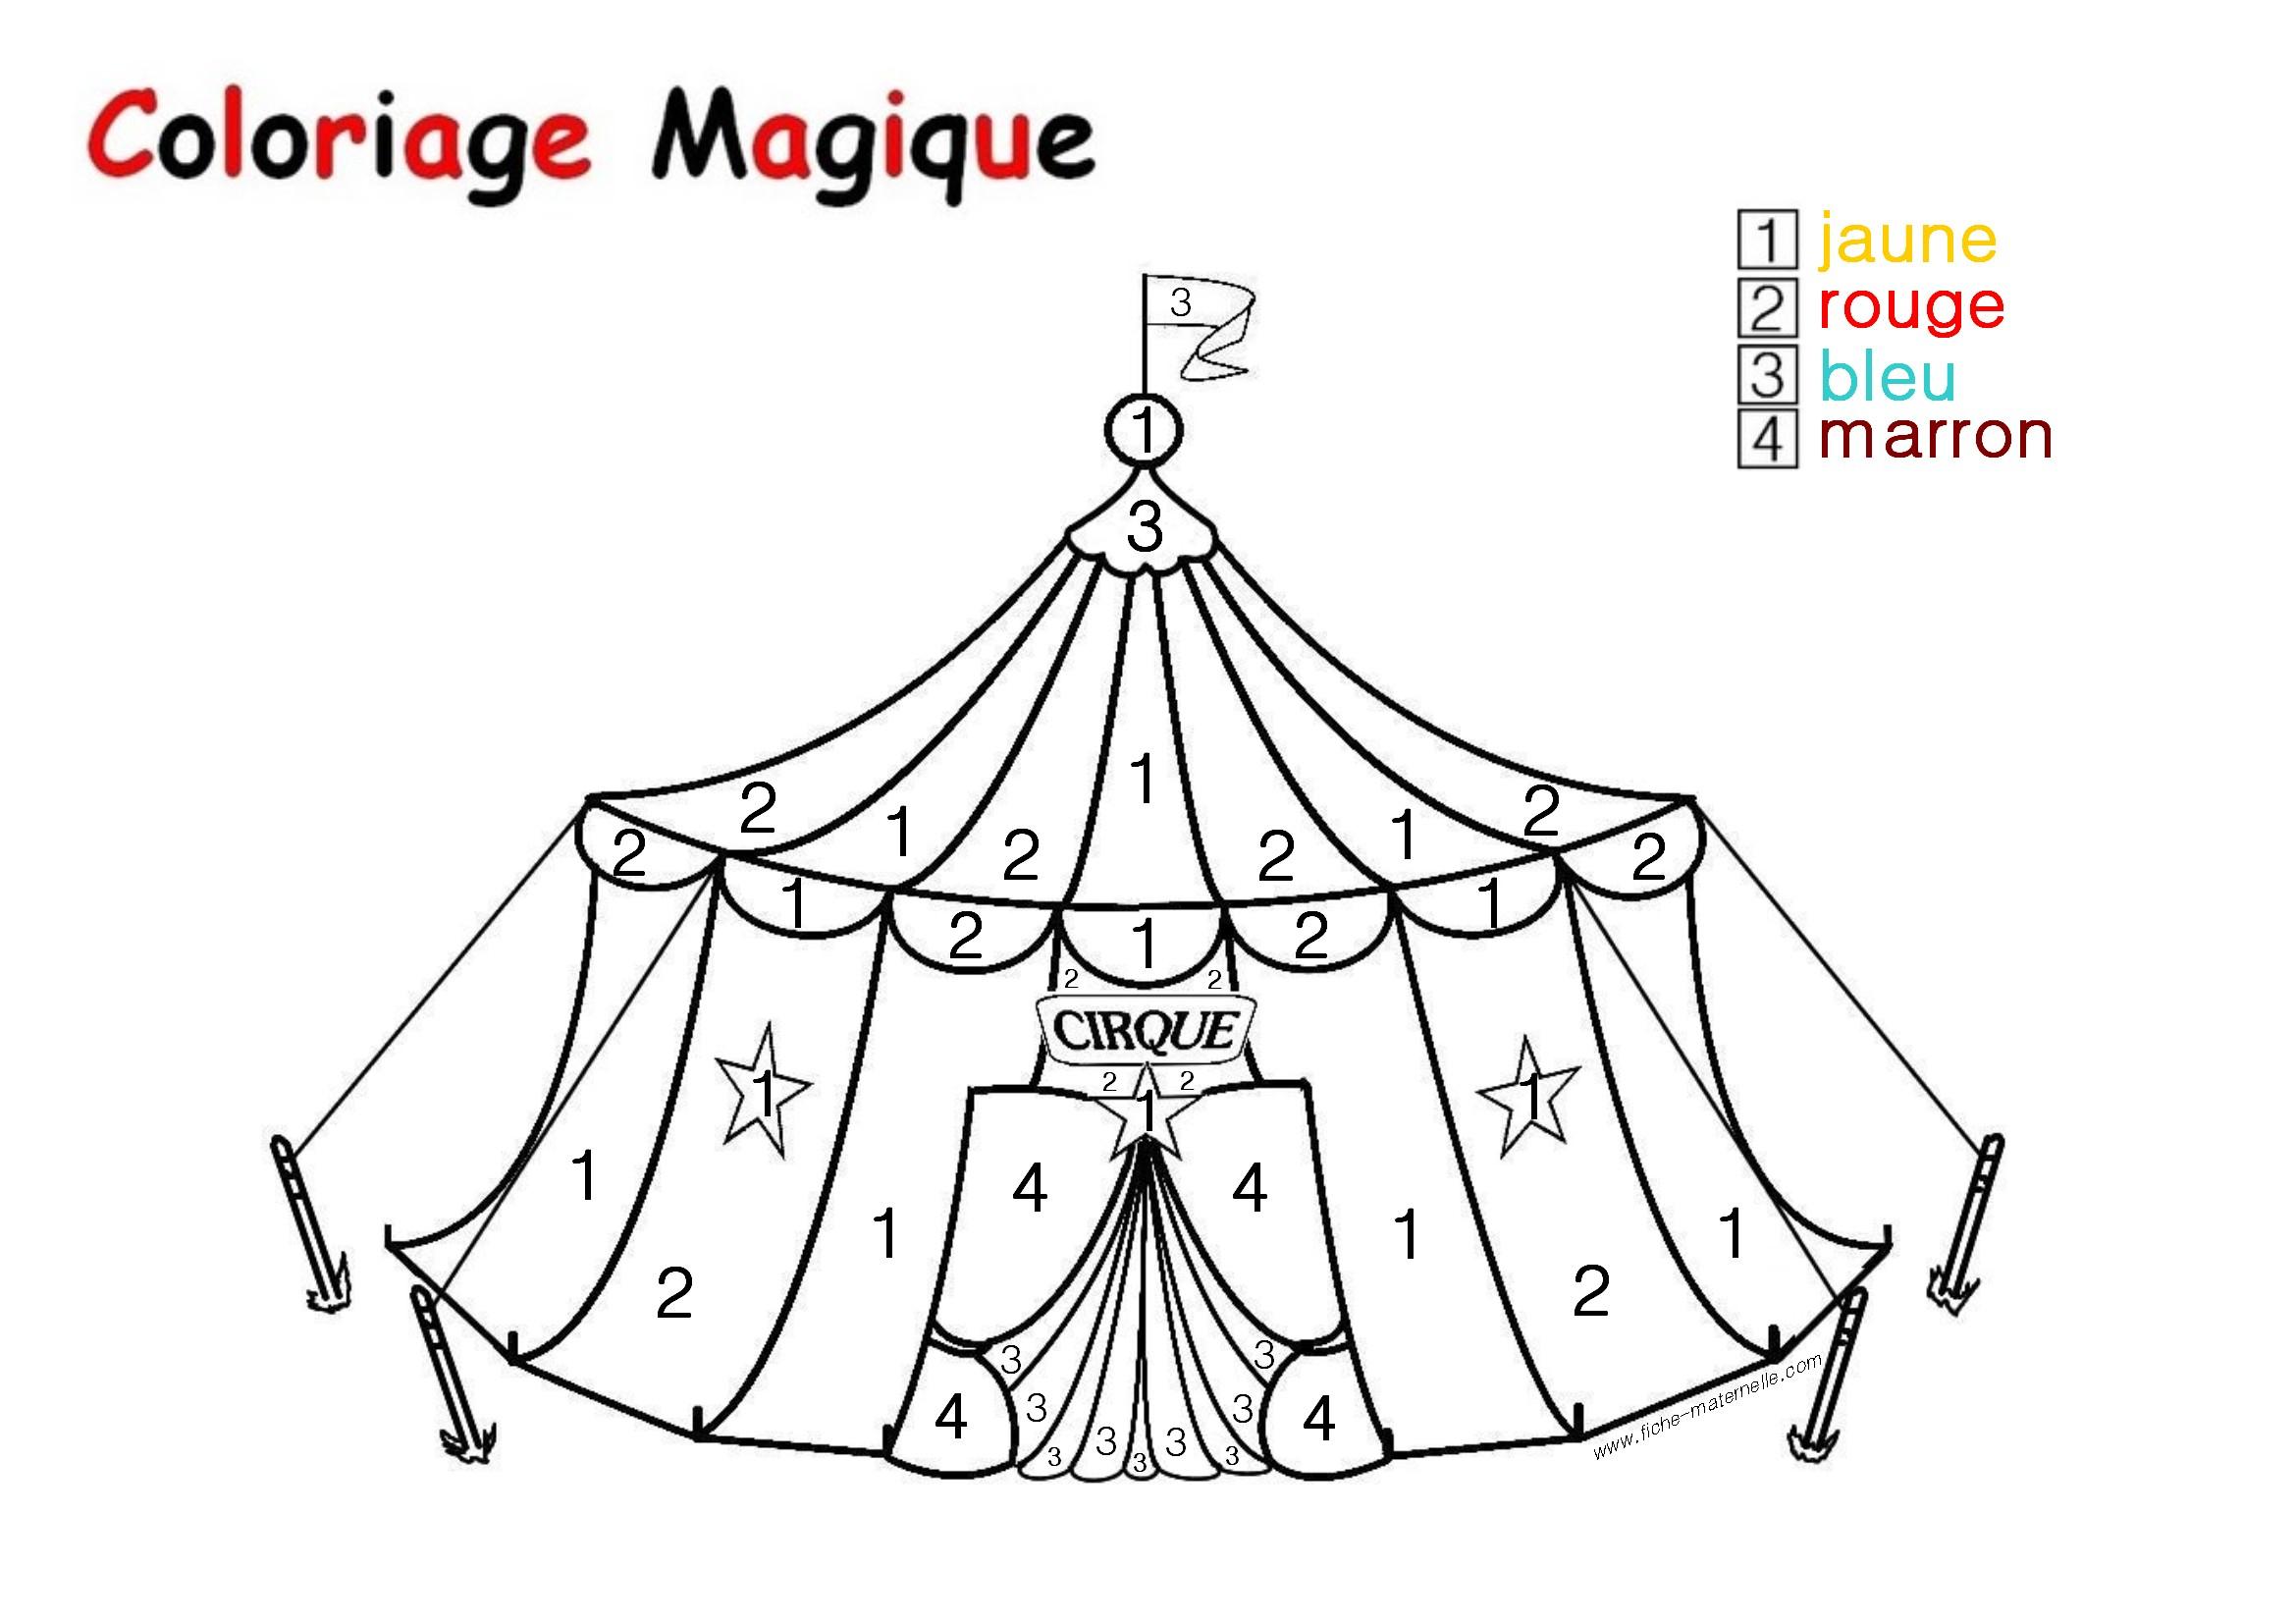 Coloriage Magique Pour Les Plus Petits : Un Chapiteau destiné Coloriage Magique Maternelle A Imprimer Gratuit